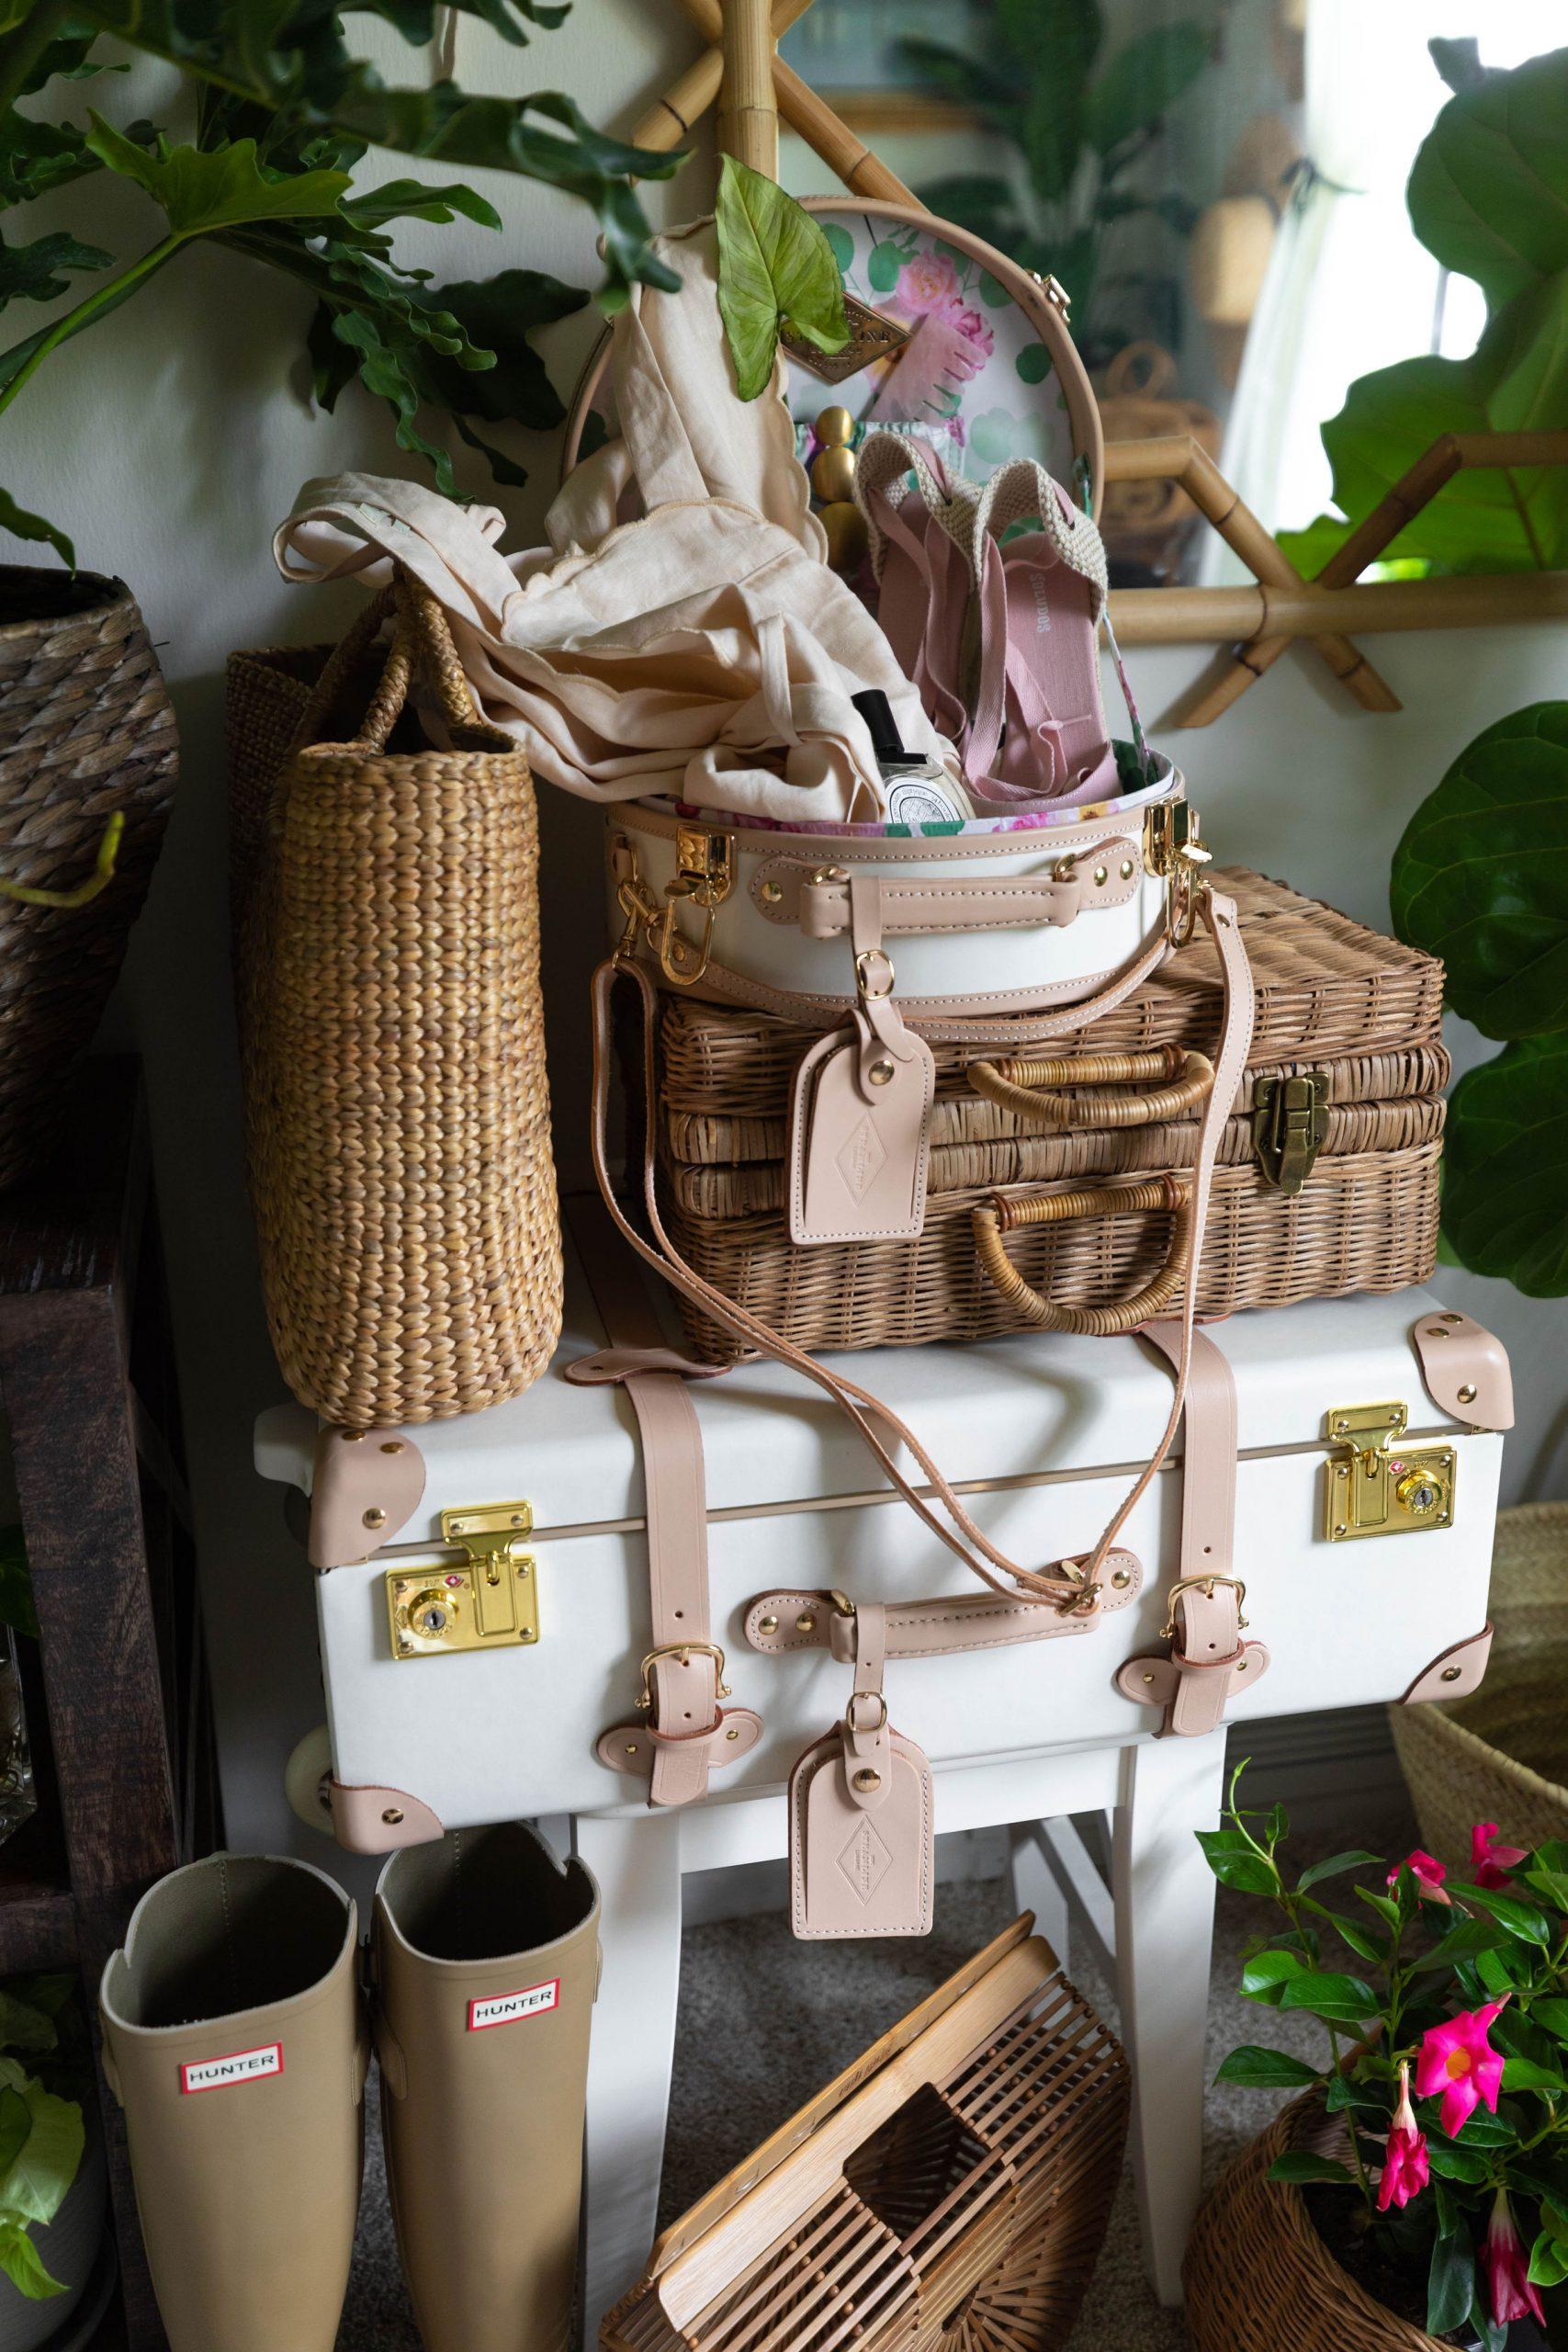 https://anniewearsit.com/steamline-luggage-packing-list/